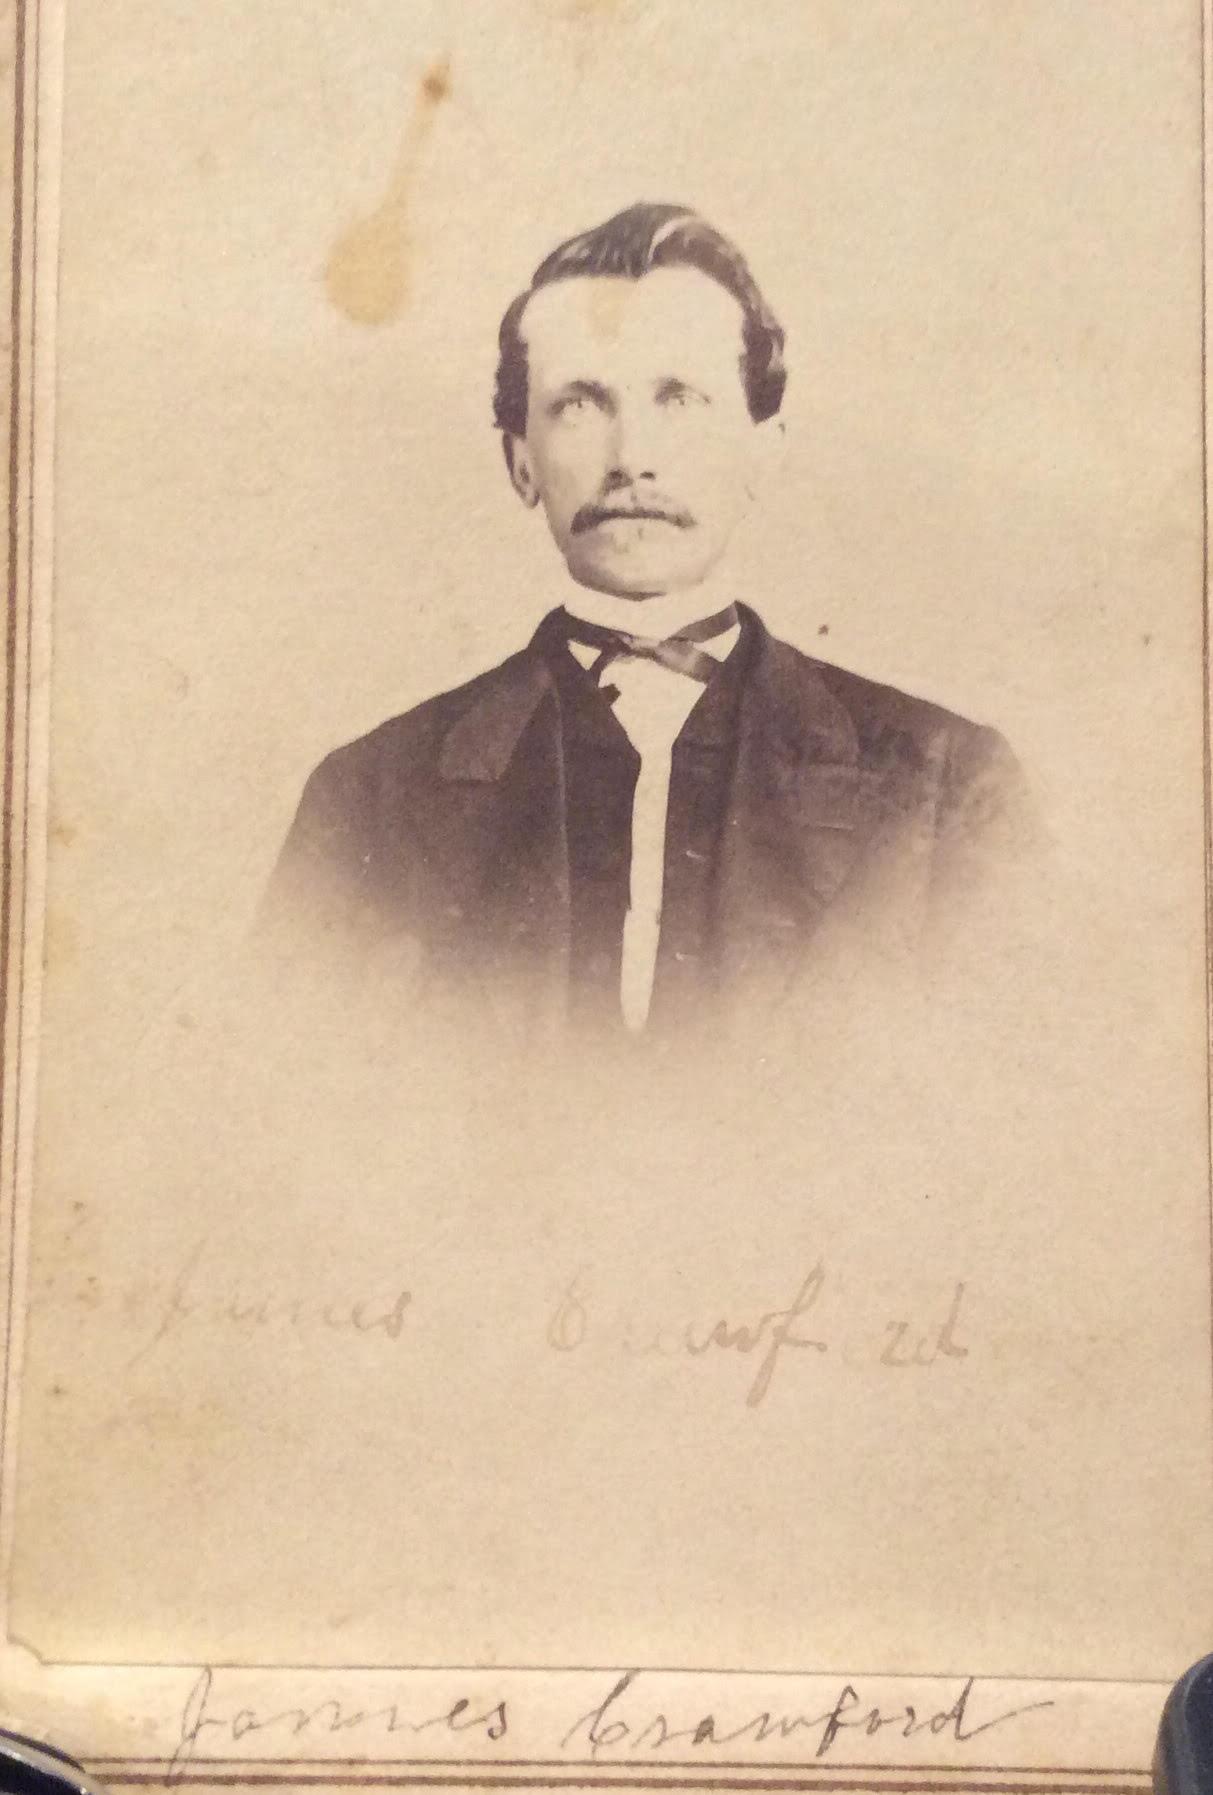 James Crawford